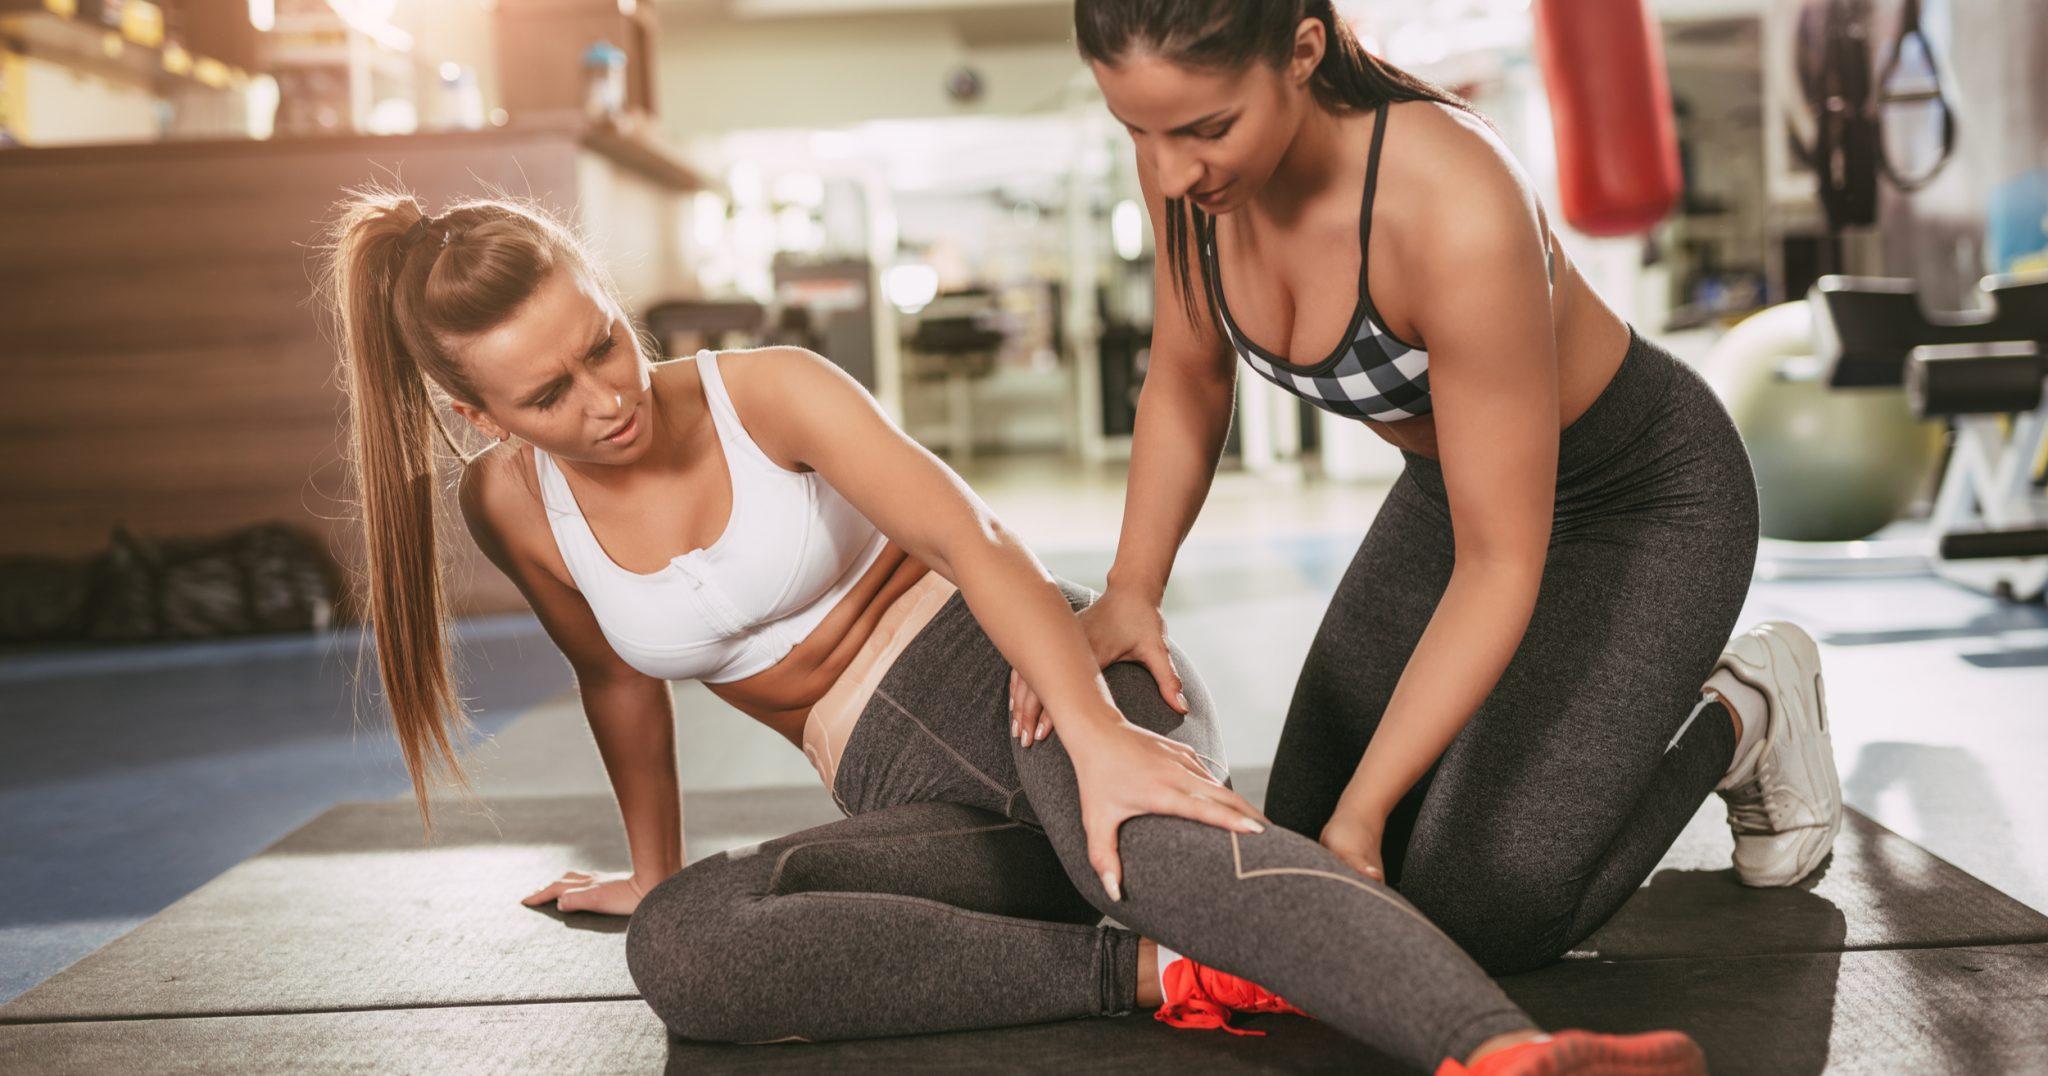 Кто отвечает за травму на тренировке?